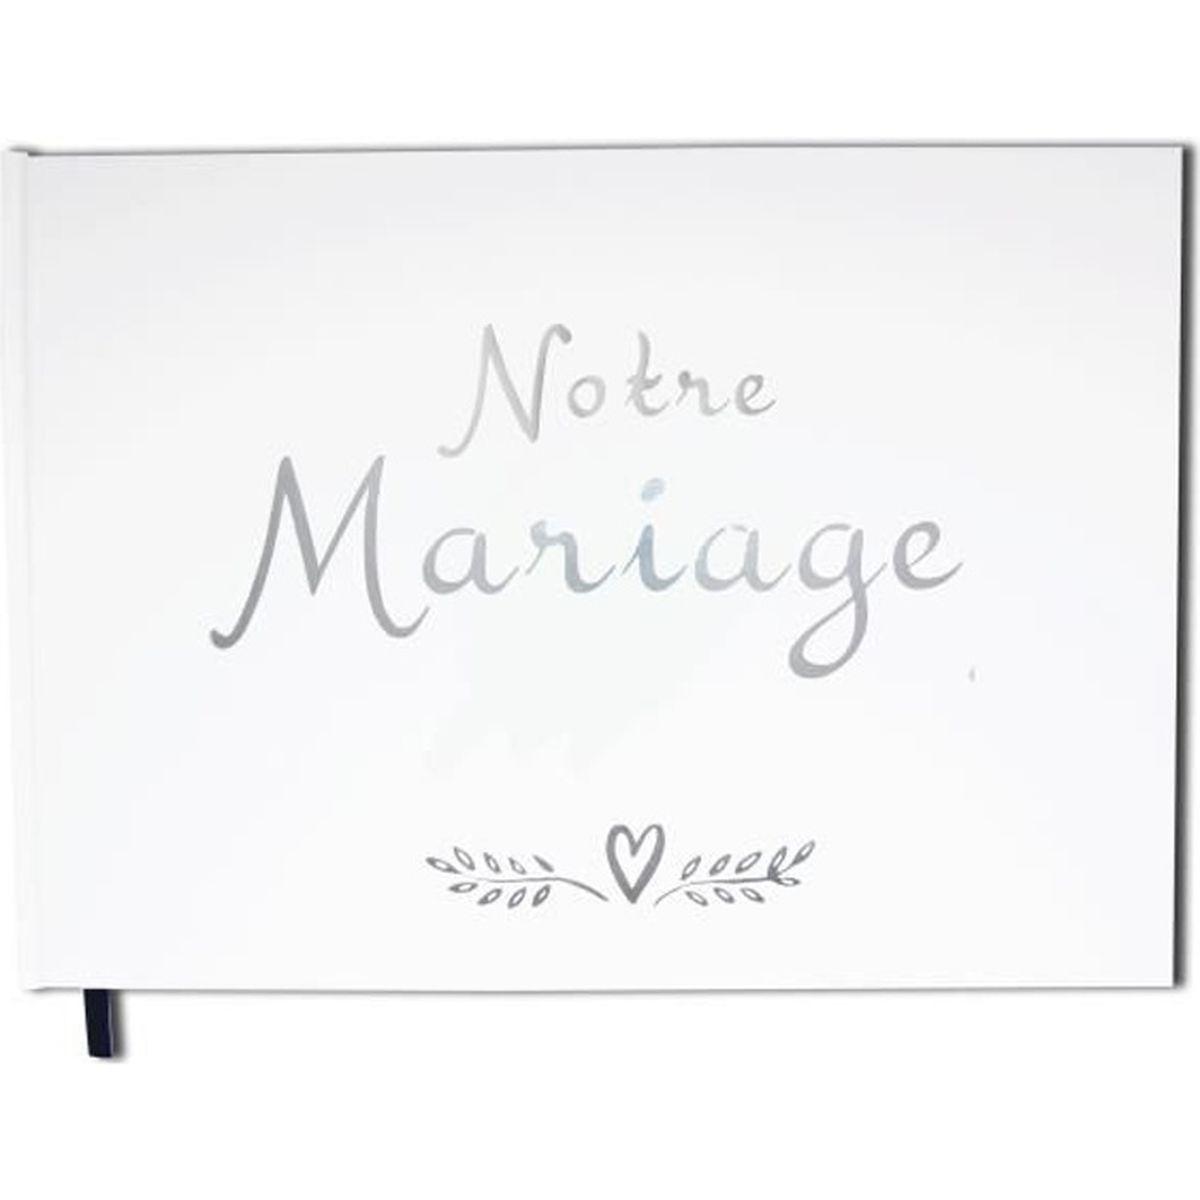 Personnalisé Livre Table De Mariage Signe or rose effet paysage